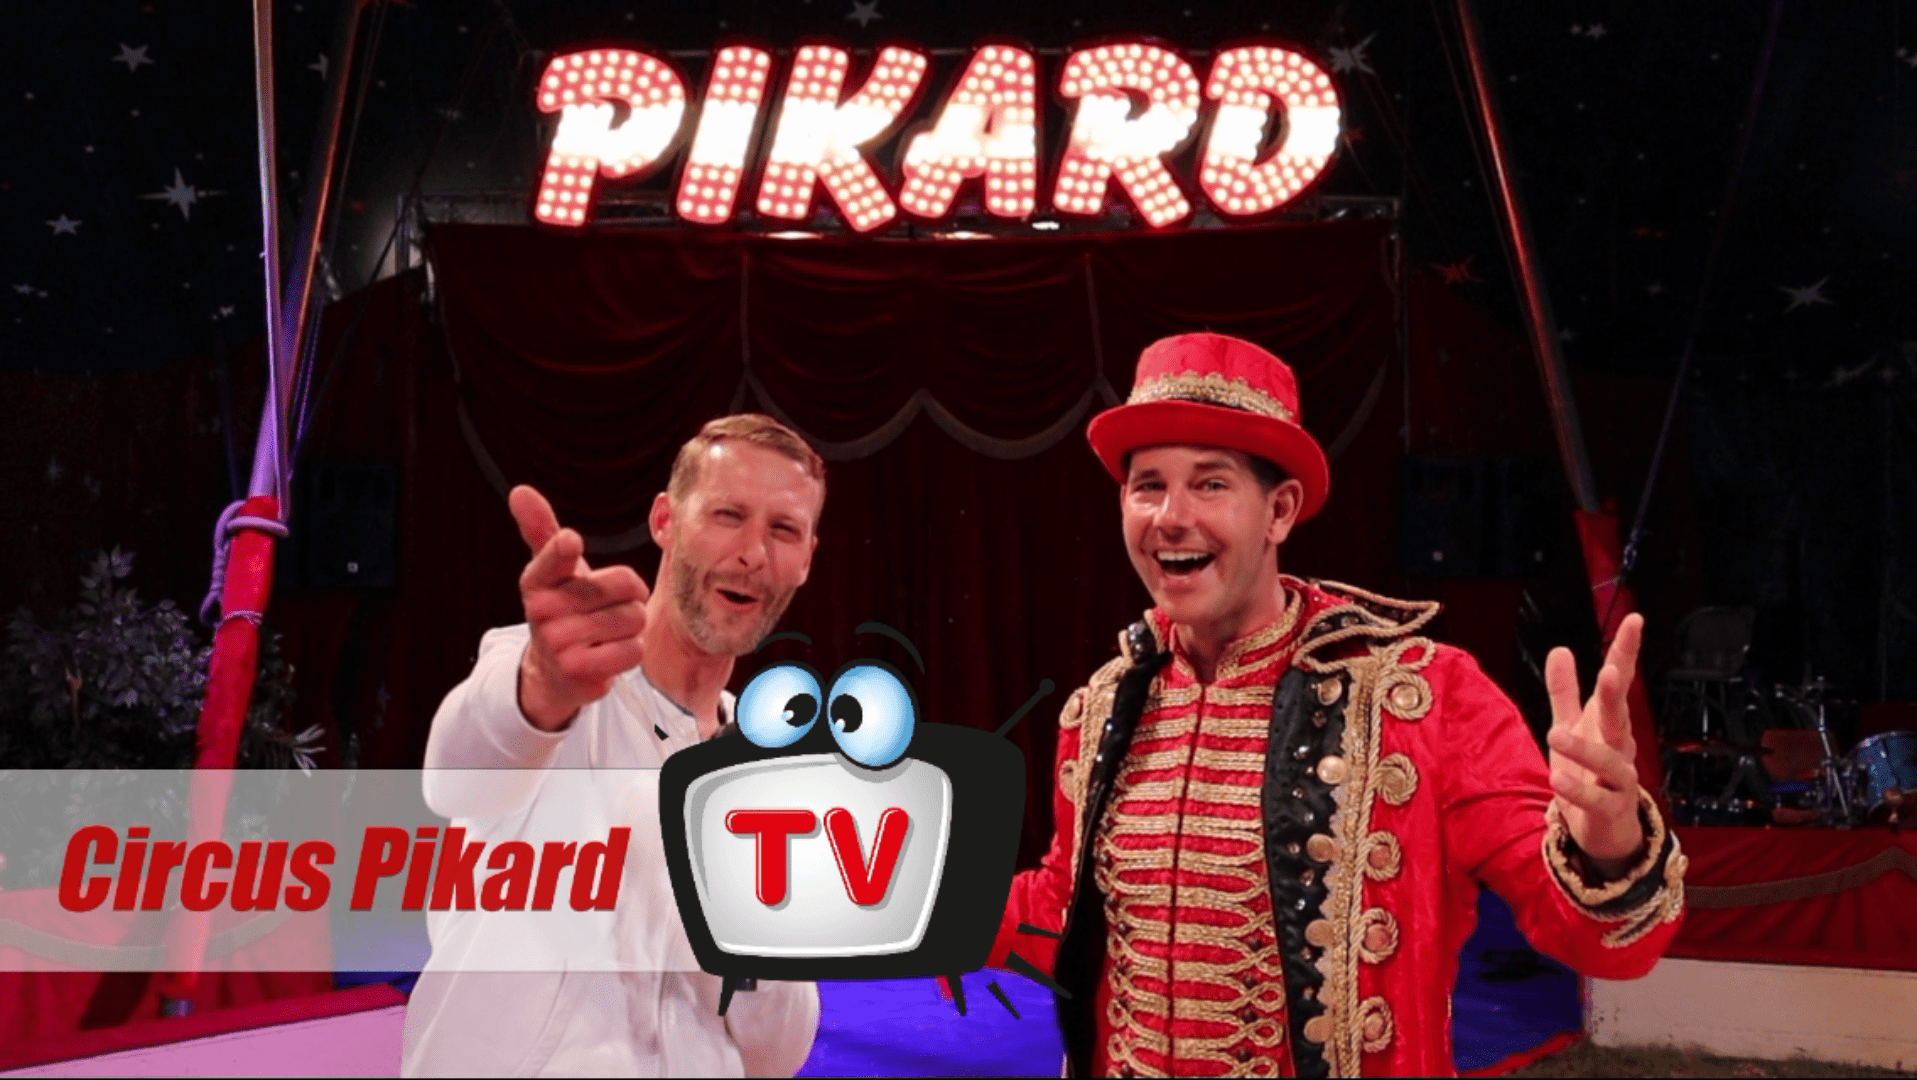 Circus-Pikard